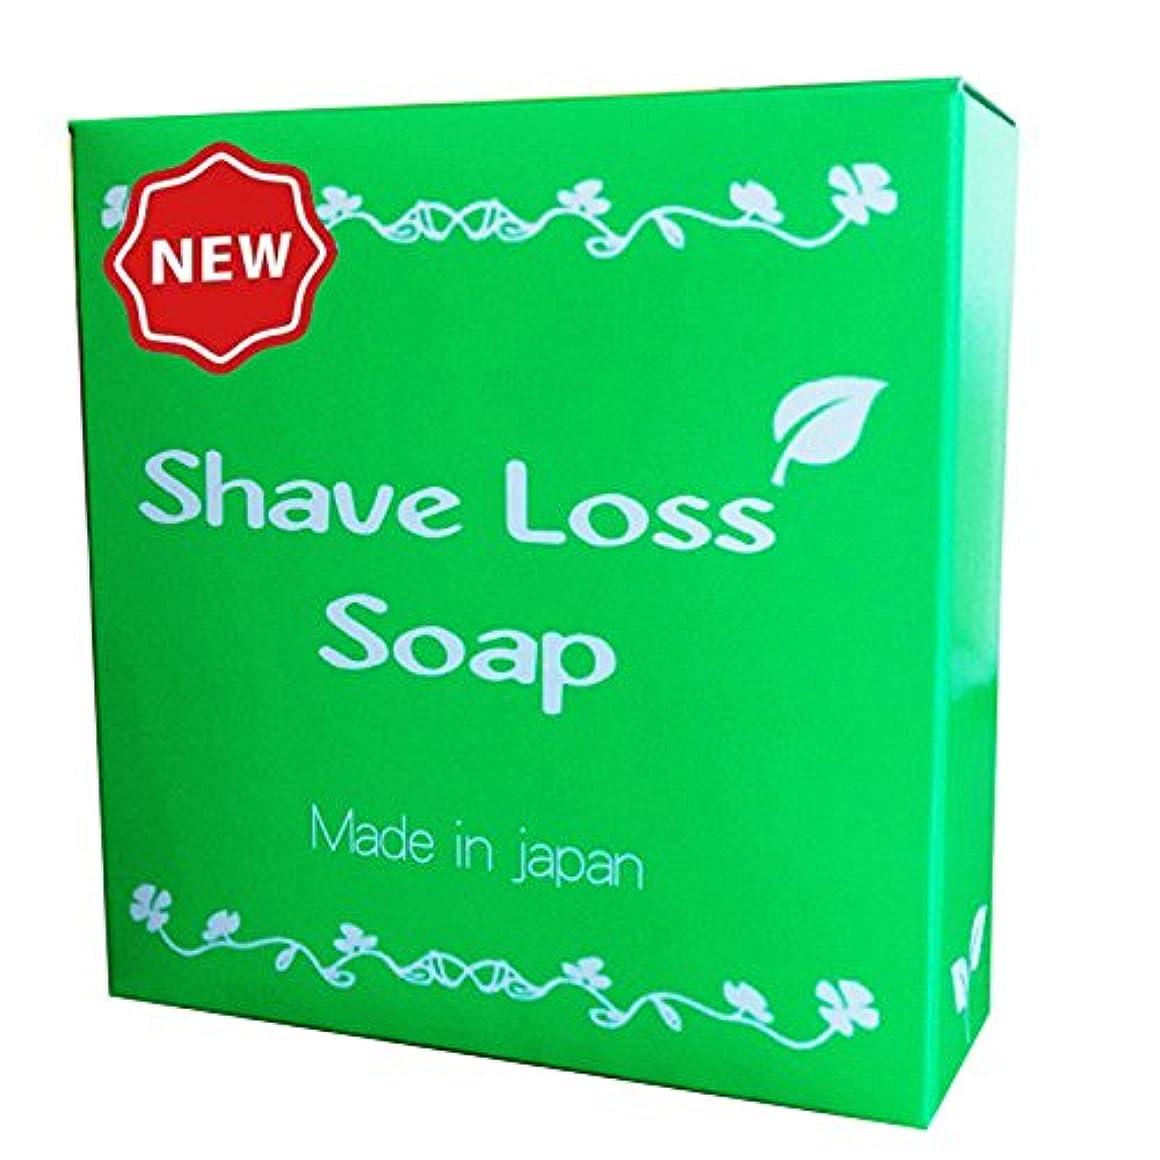 エイリアス促進するバケツ【NEW】Shave Loss Soap 女性の願いを叶える 石鹸 80g 「ダイズ種子エキス」 「ラレアディバリカタエキス」大幅増量タイプ